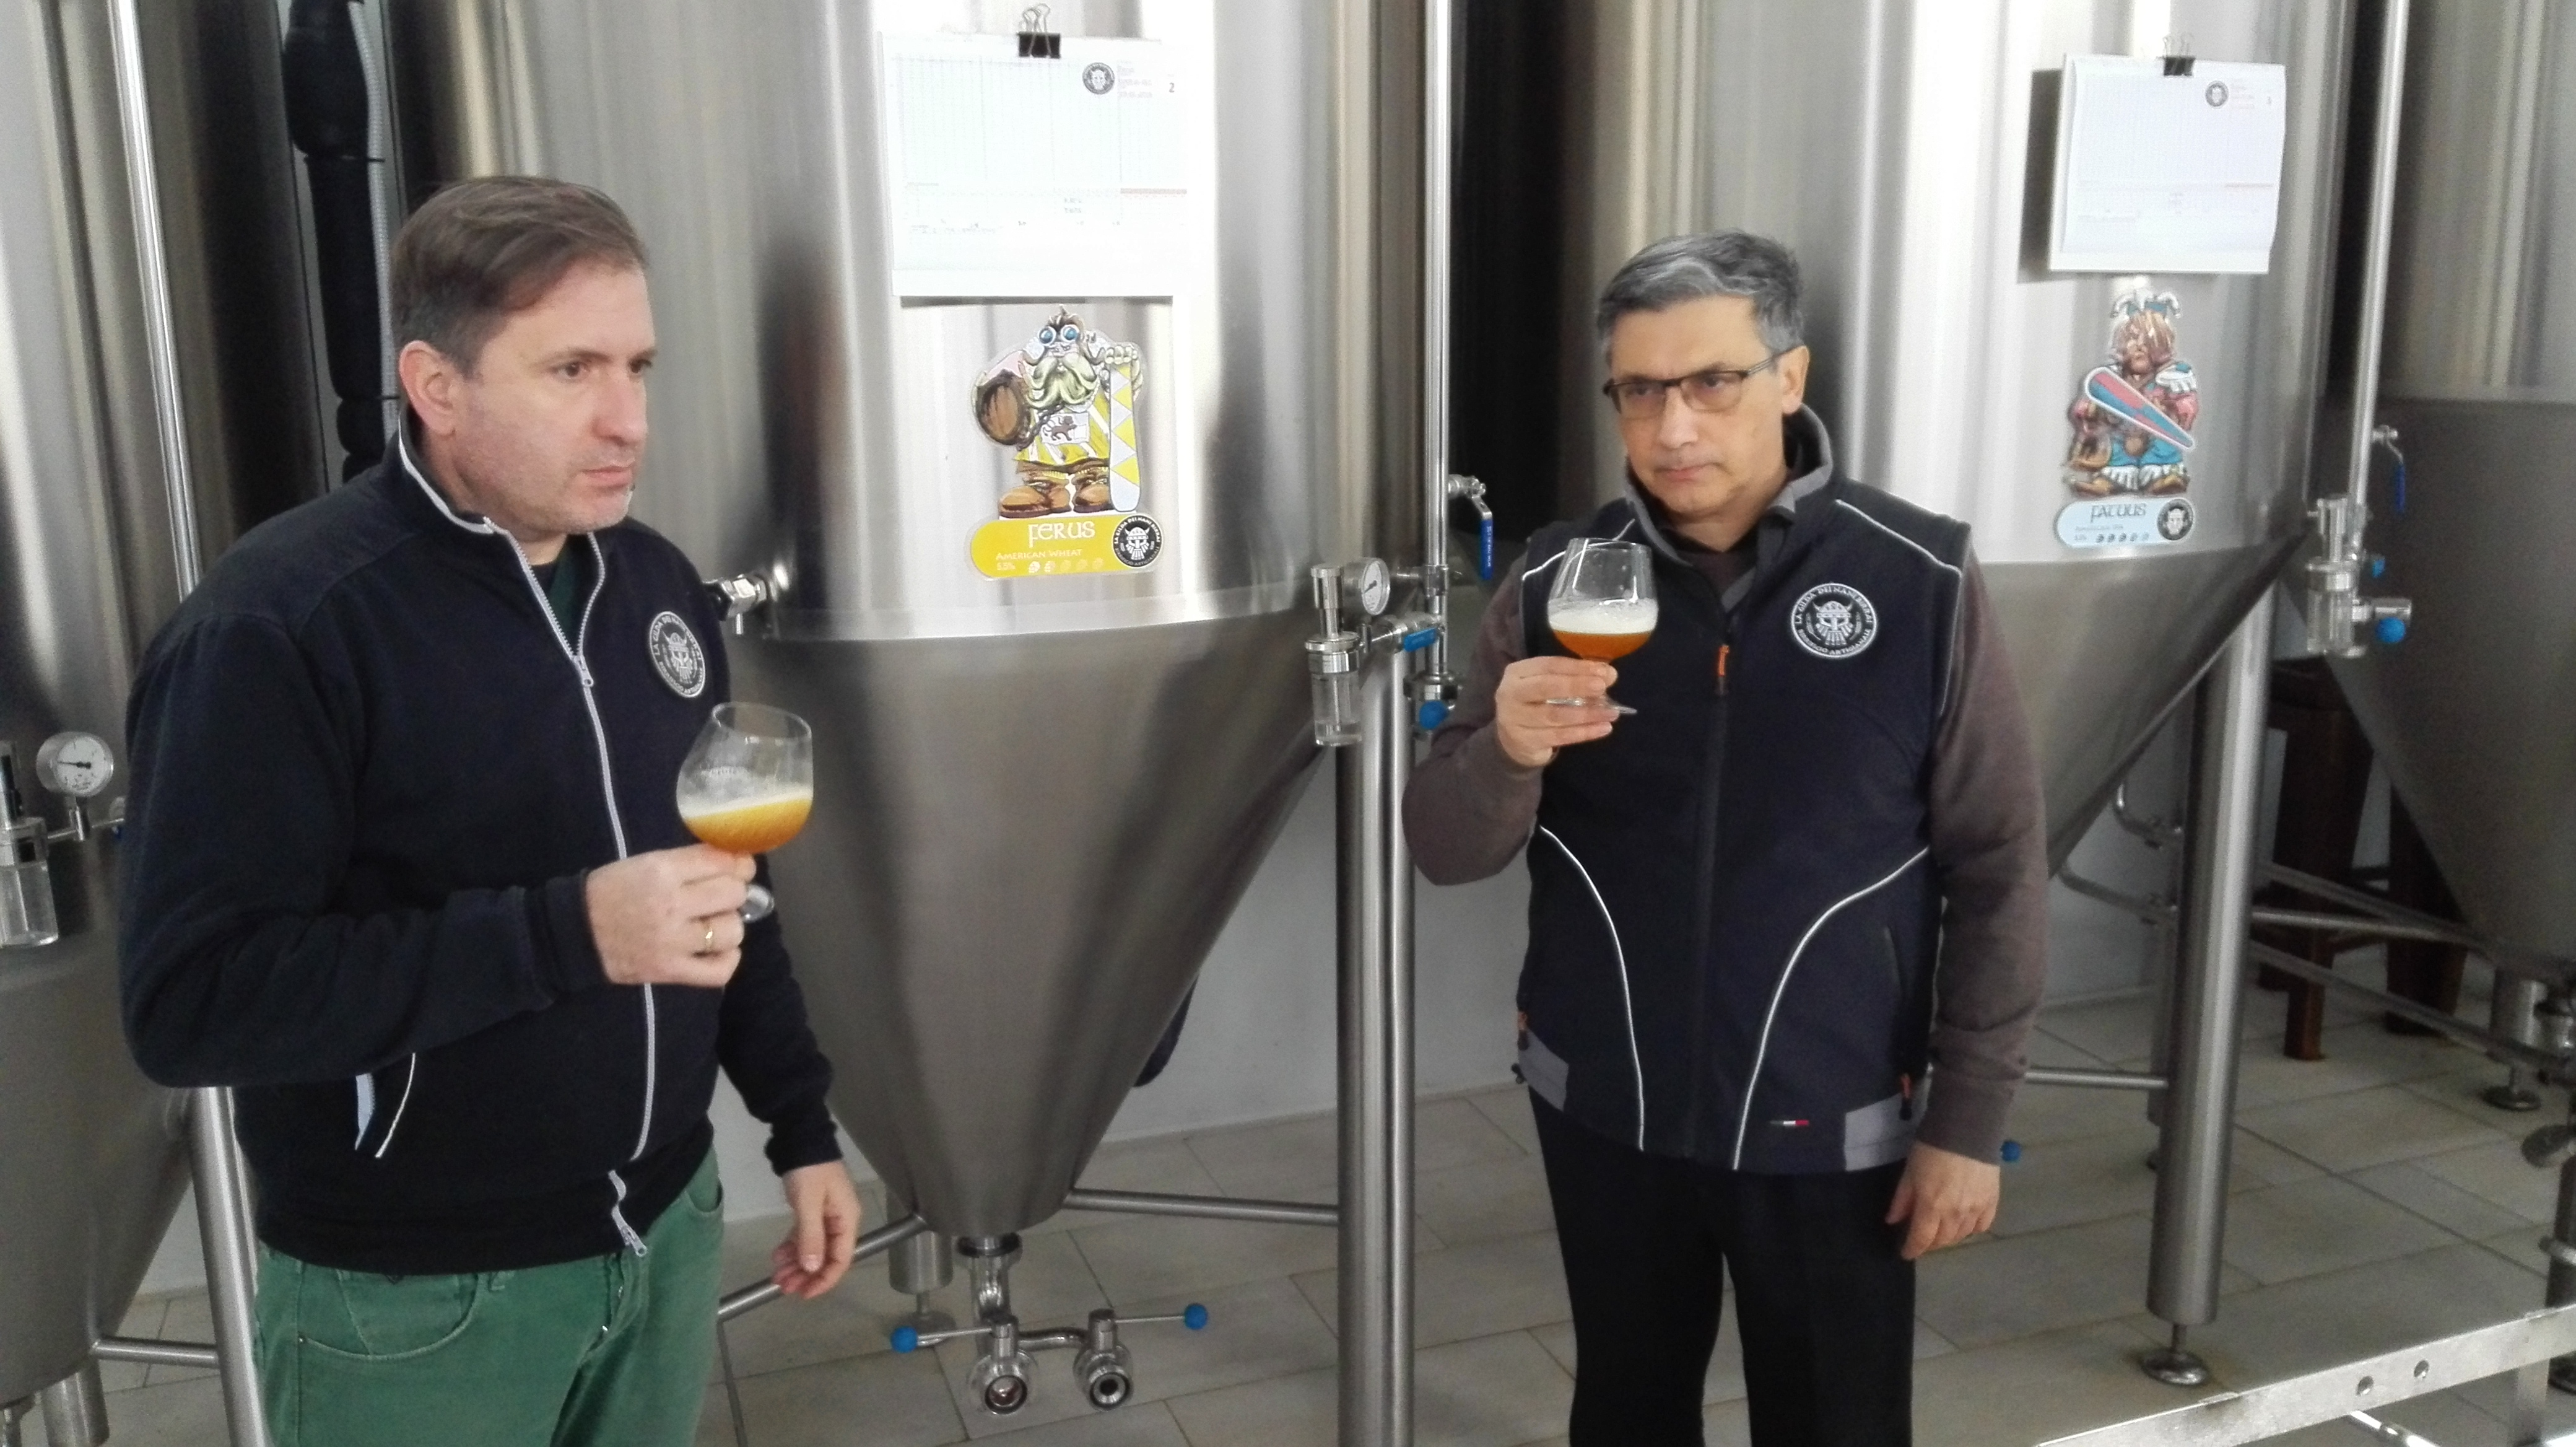 La Gilda dei Nani birrai: alla scoperta delle birre di Pisa e della prima edizione del Beer-cooking